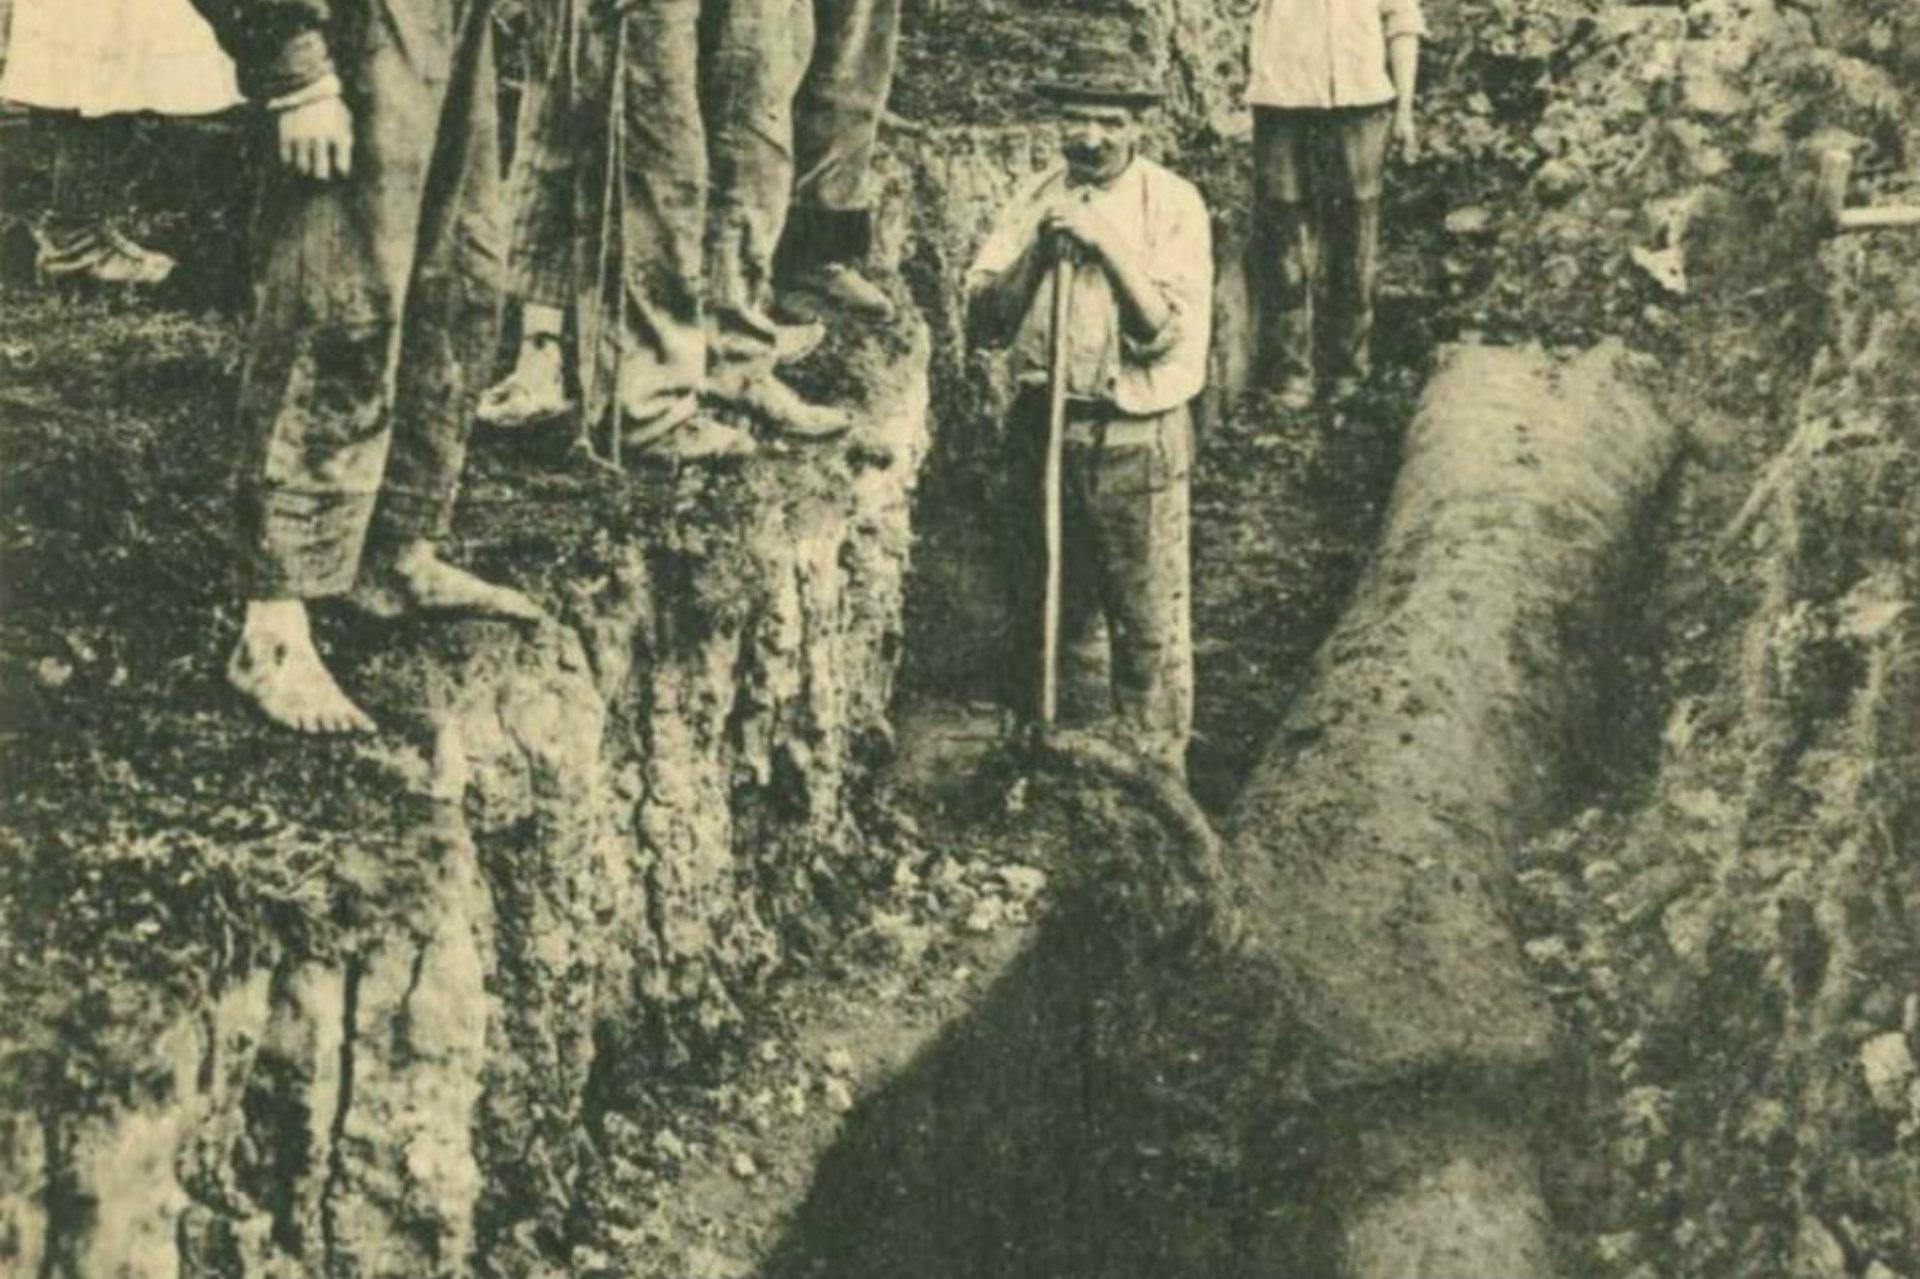 Découverte d'un arbre lors de la coupe de la tourbe - © Détail d'une carte postale début 20e